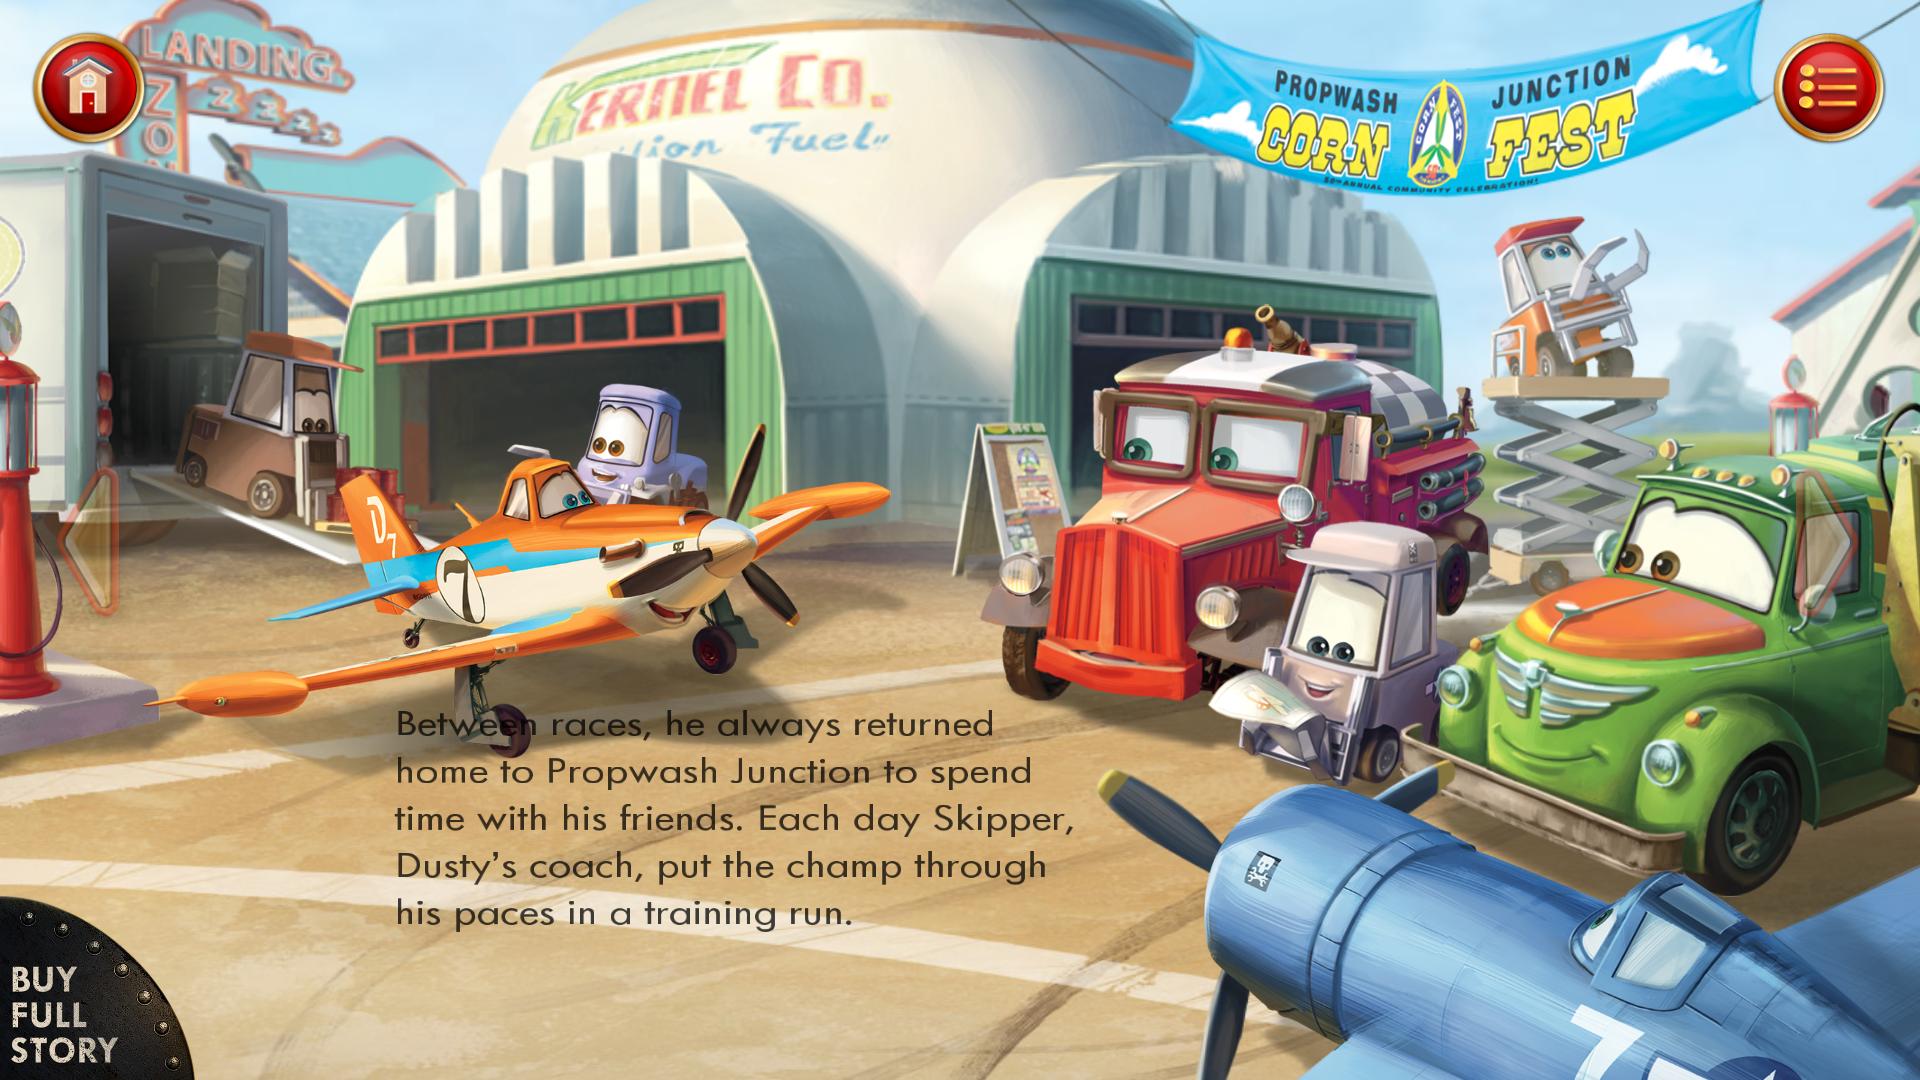 交互式电子书类型游戏 飞机总动员:火线救援